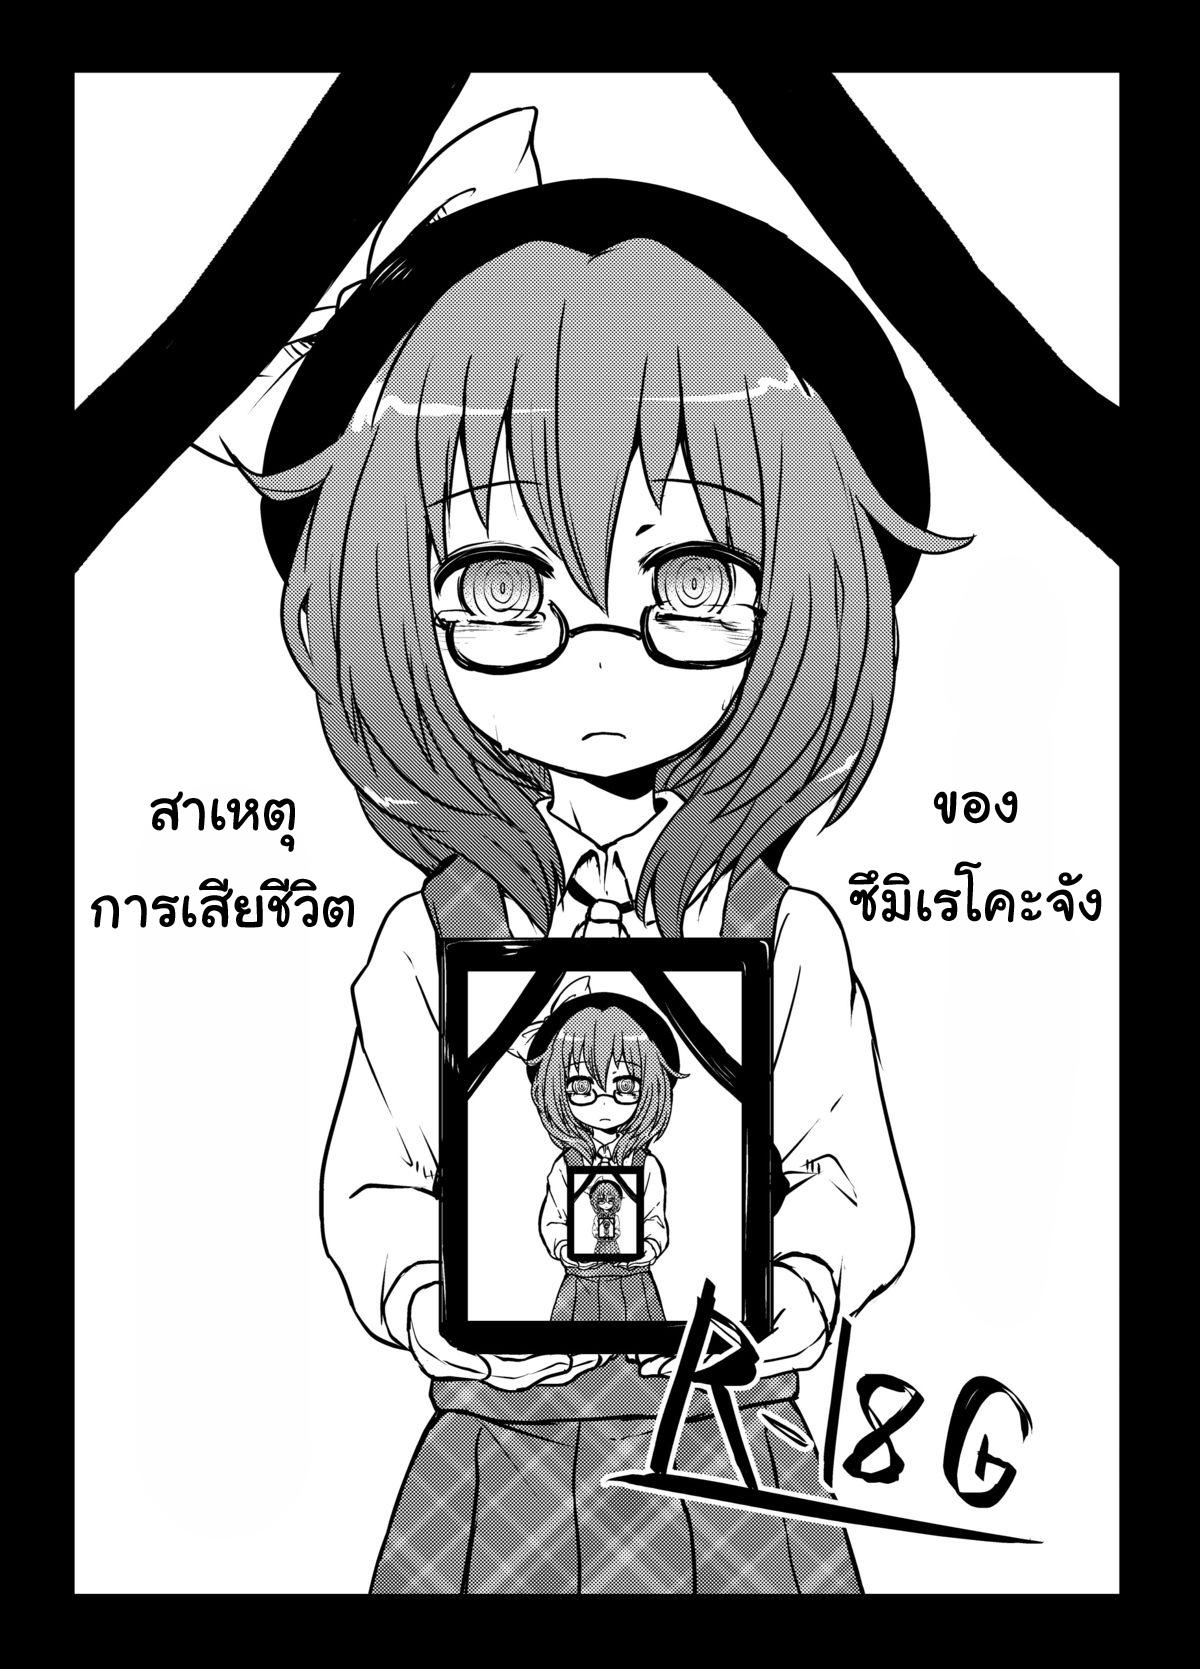 สาเหตุการเสียชีวิตของซึมิเรโคะจัง